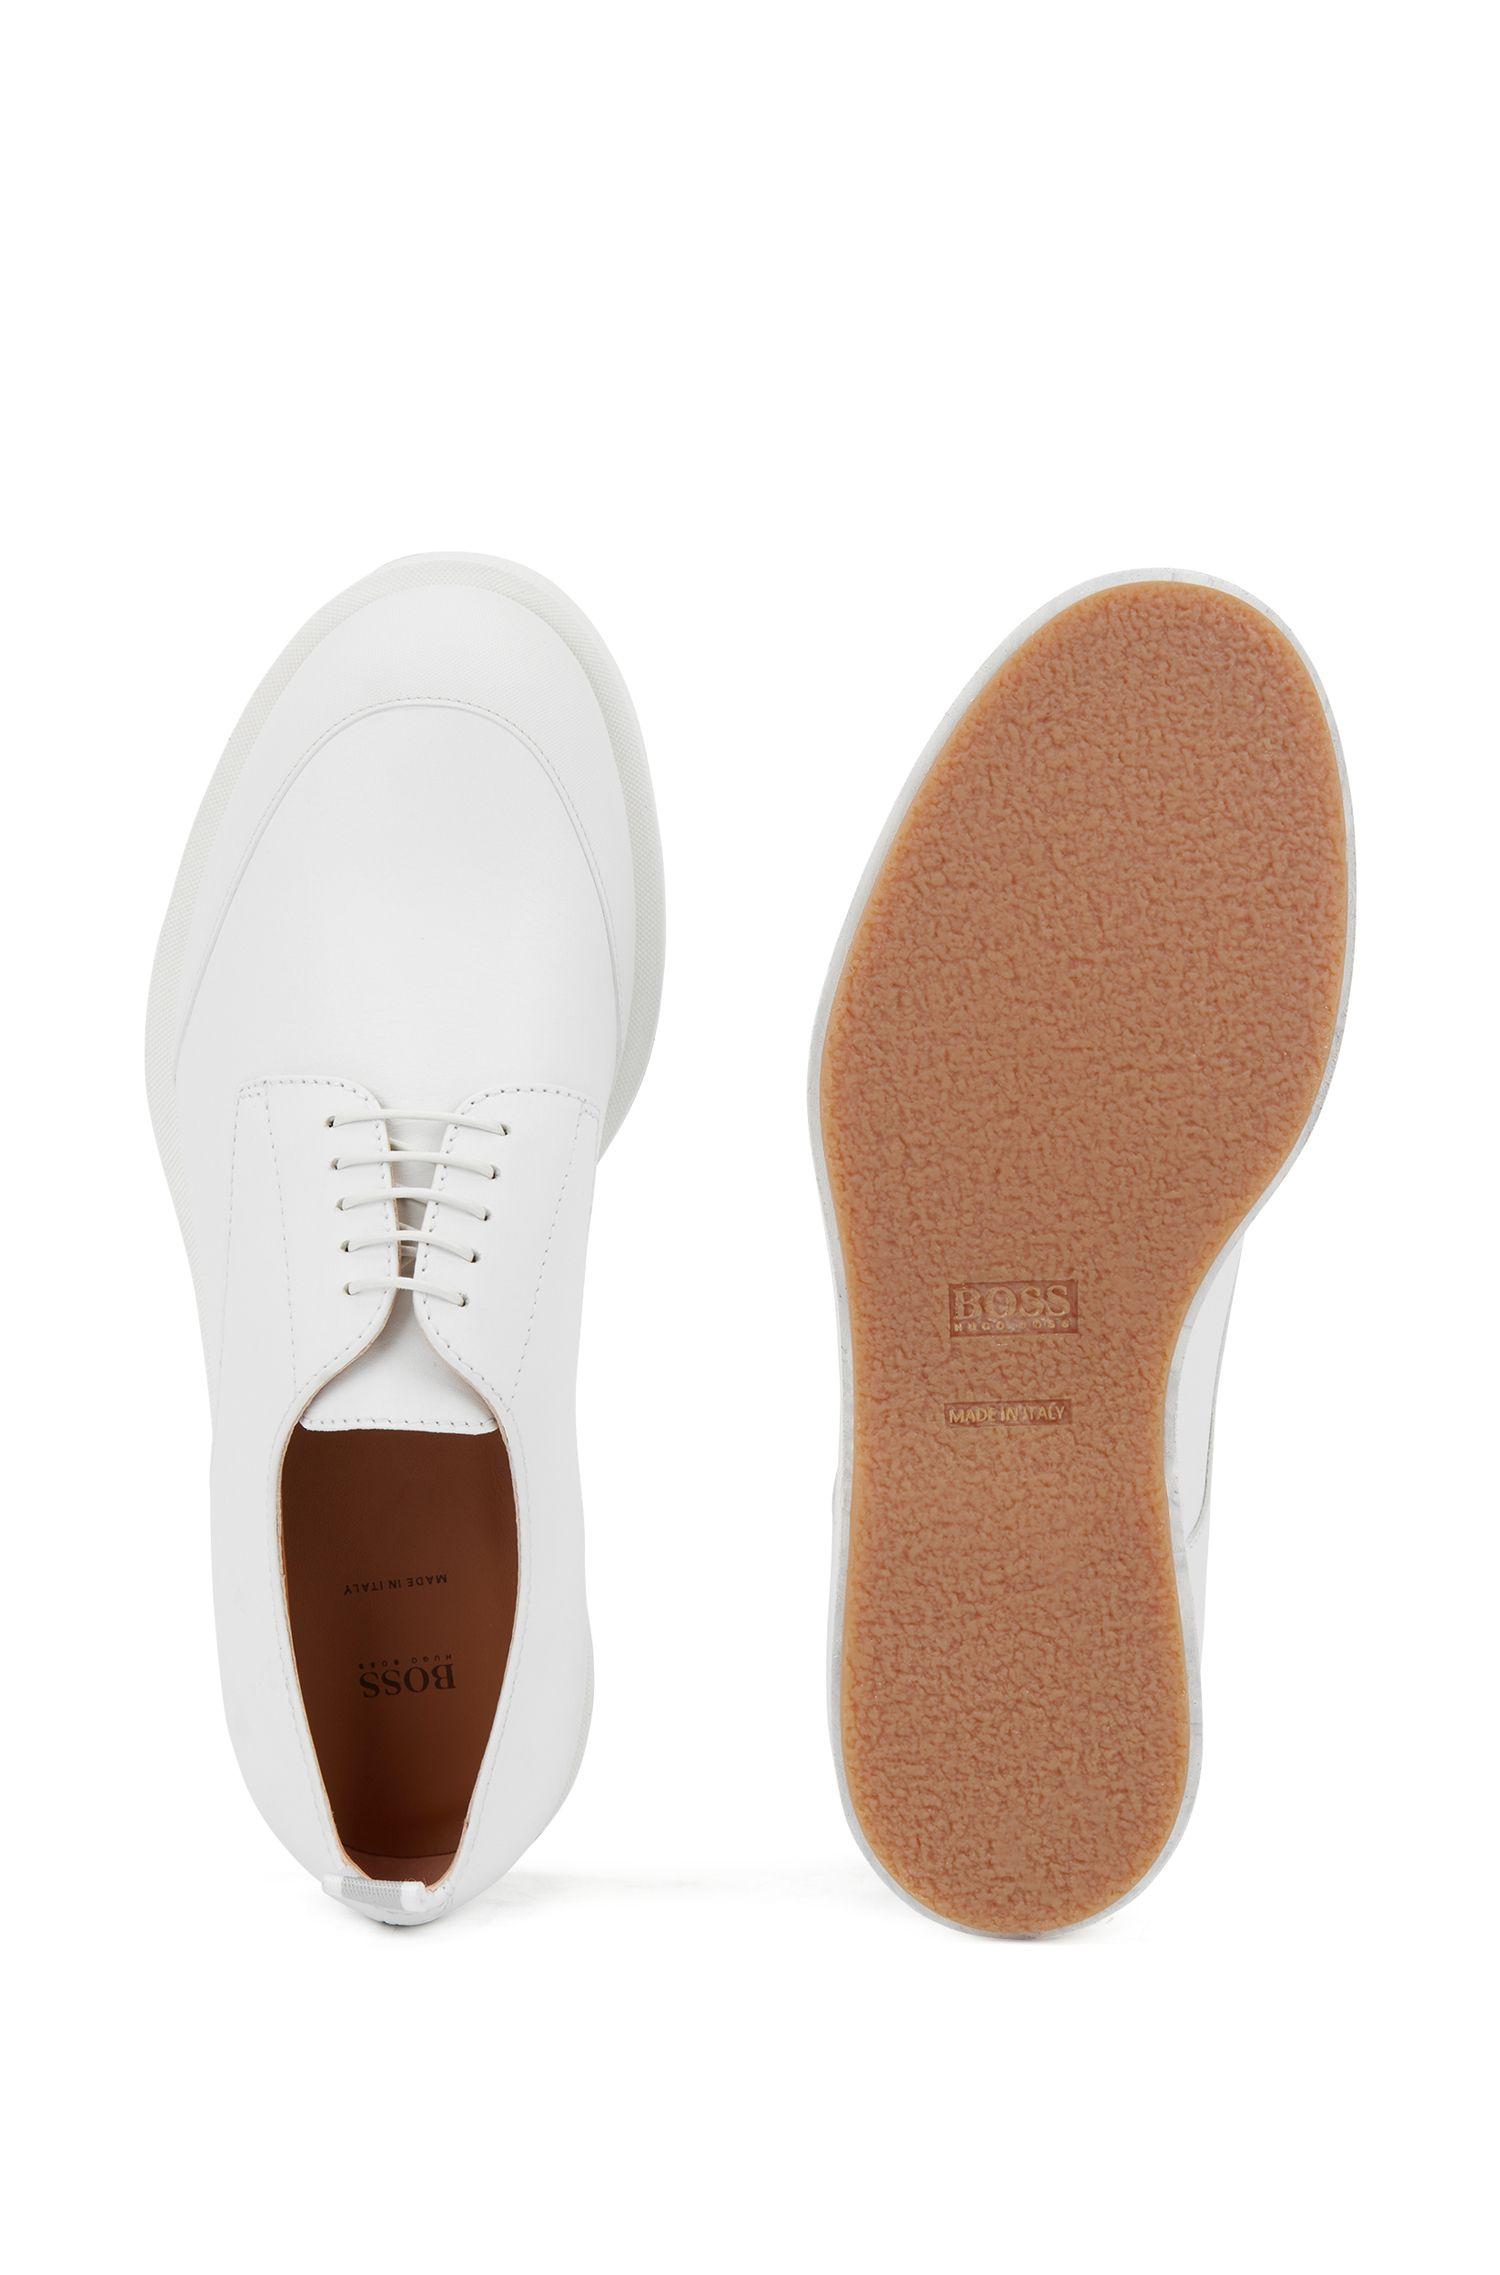 Derbyschoenen van leer met gerubberde stootrand, van Italiaans fabricaat, Wit